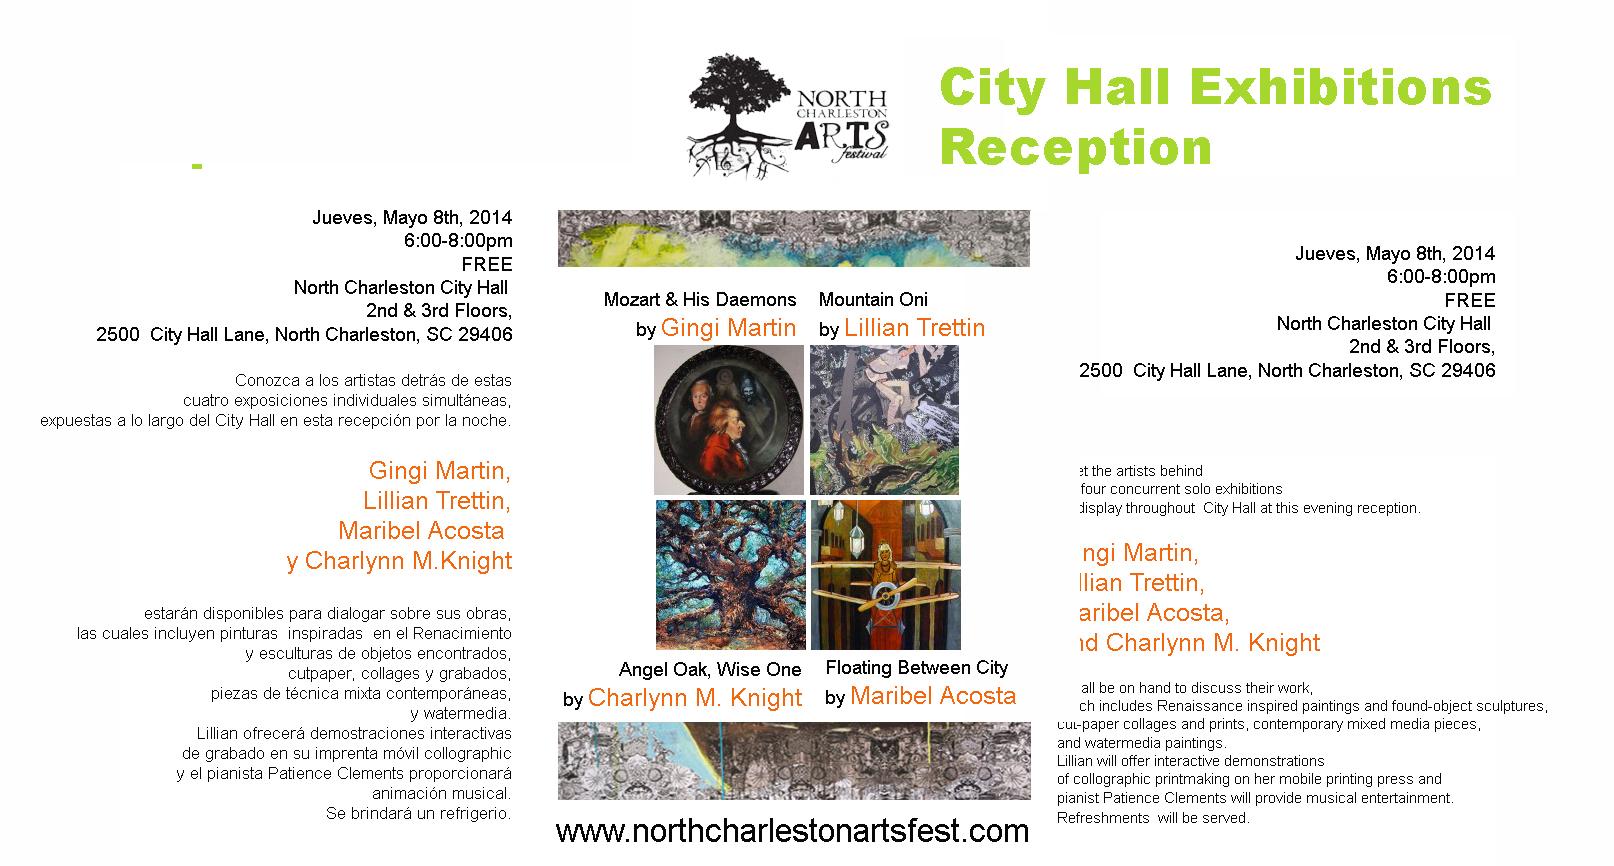 Art Del City Press Release And Publications